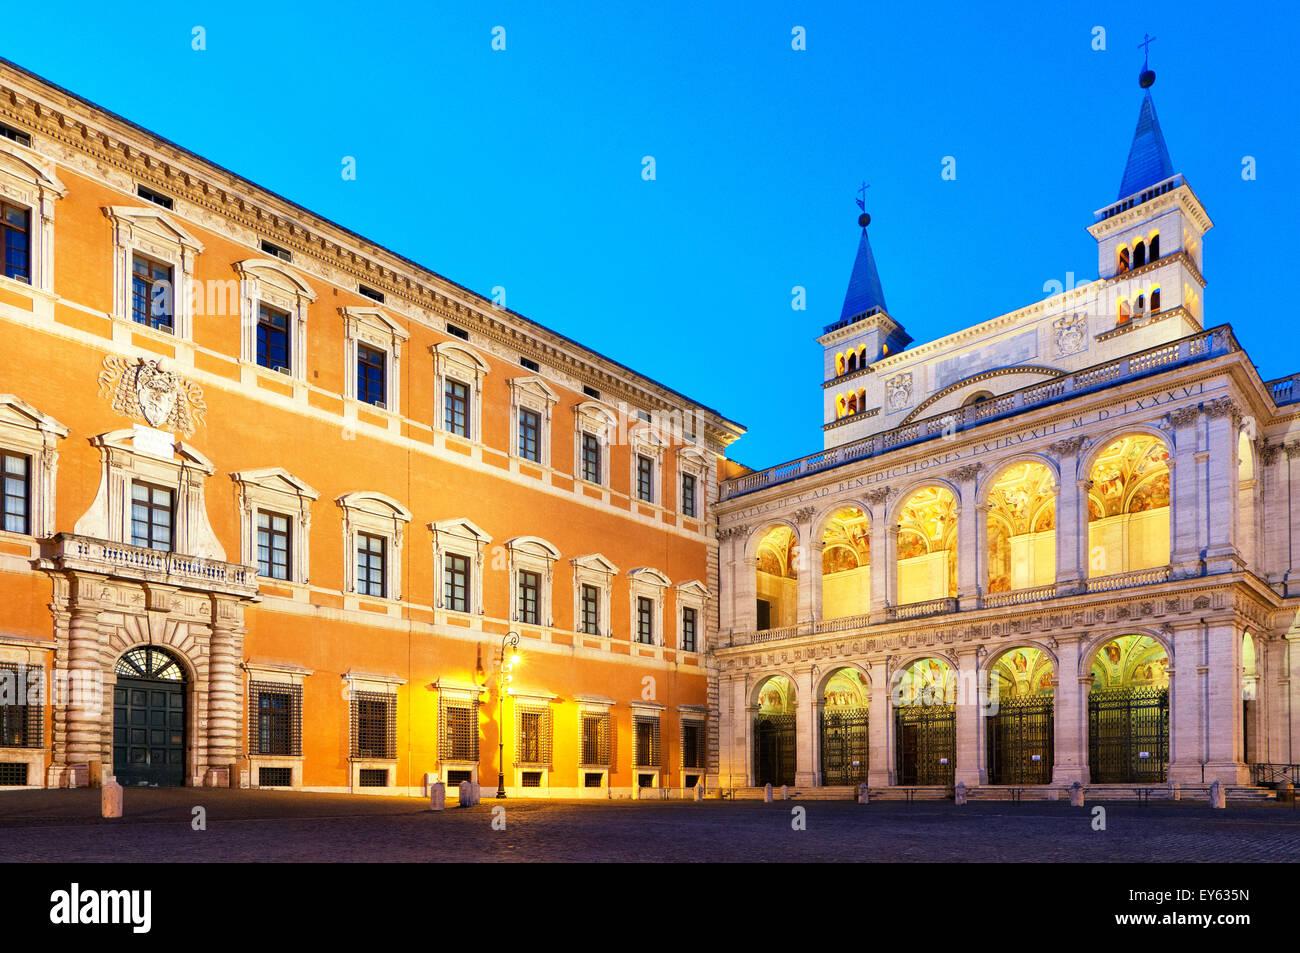 Loggia stock photos loggia stock images alamy for Palazzo delle esposizioni rome italy